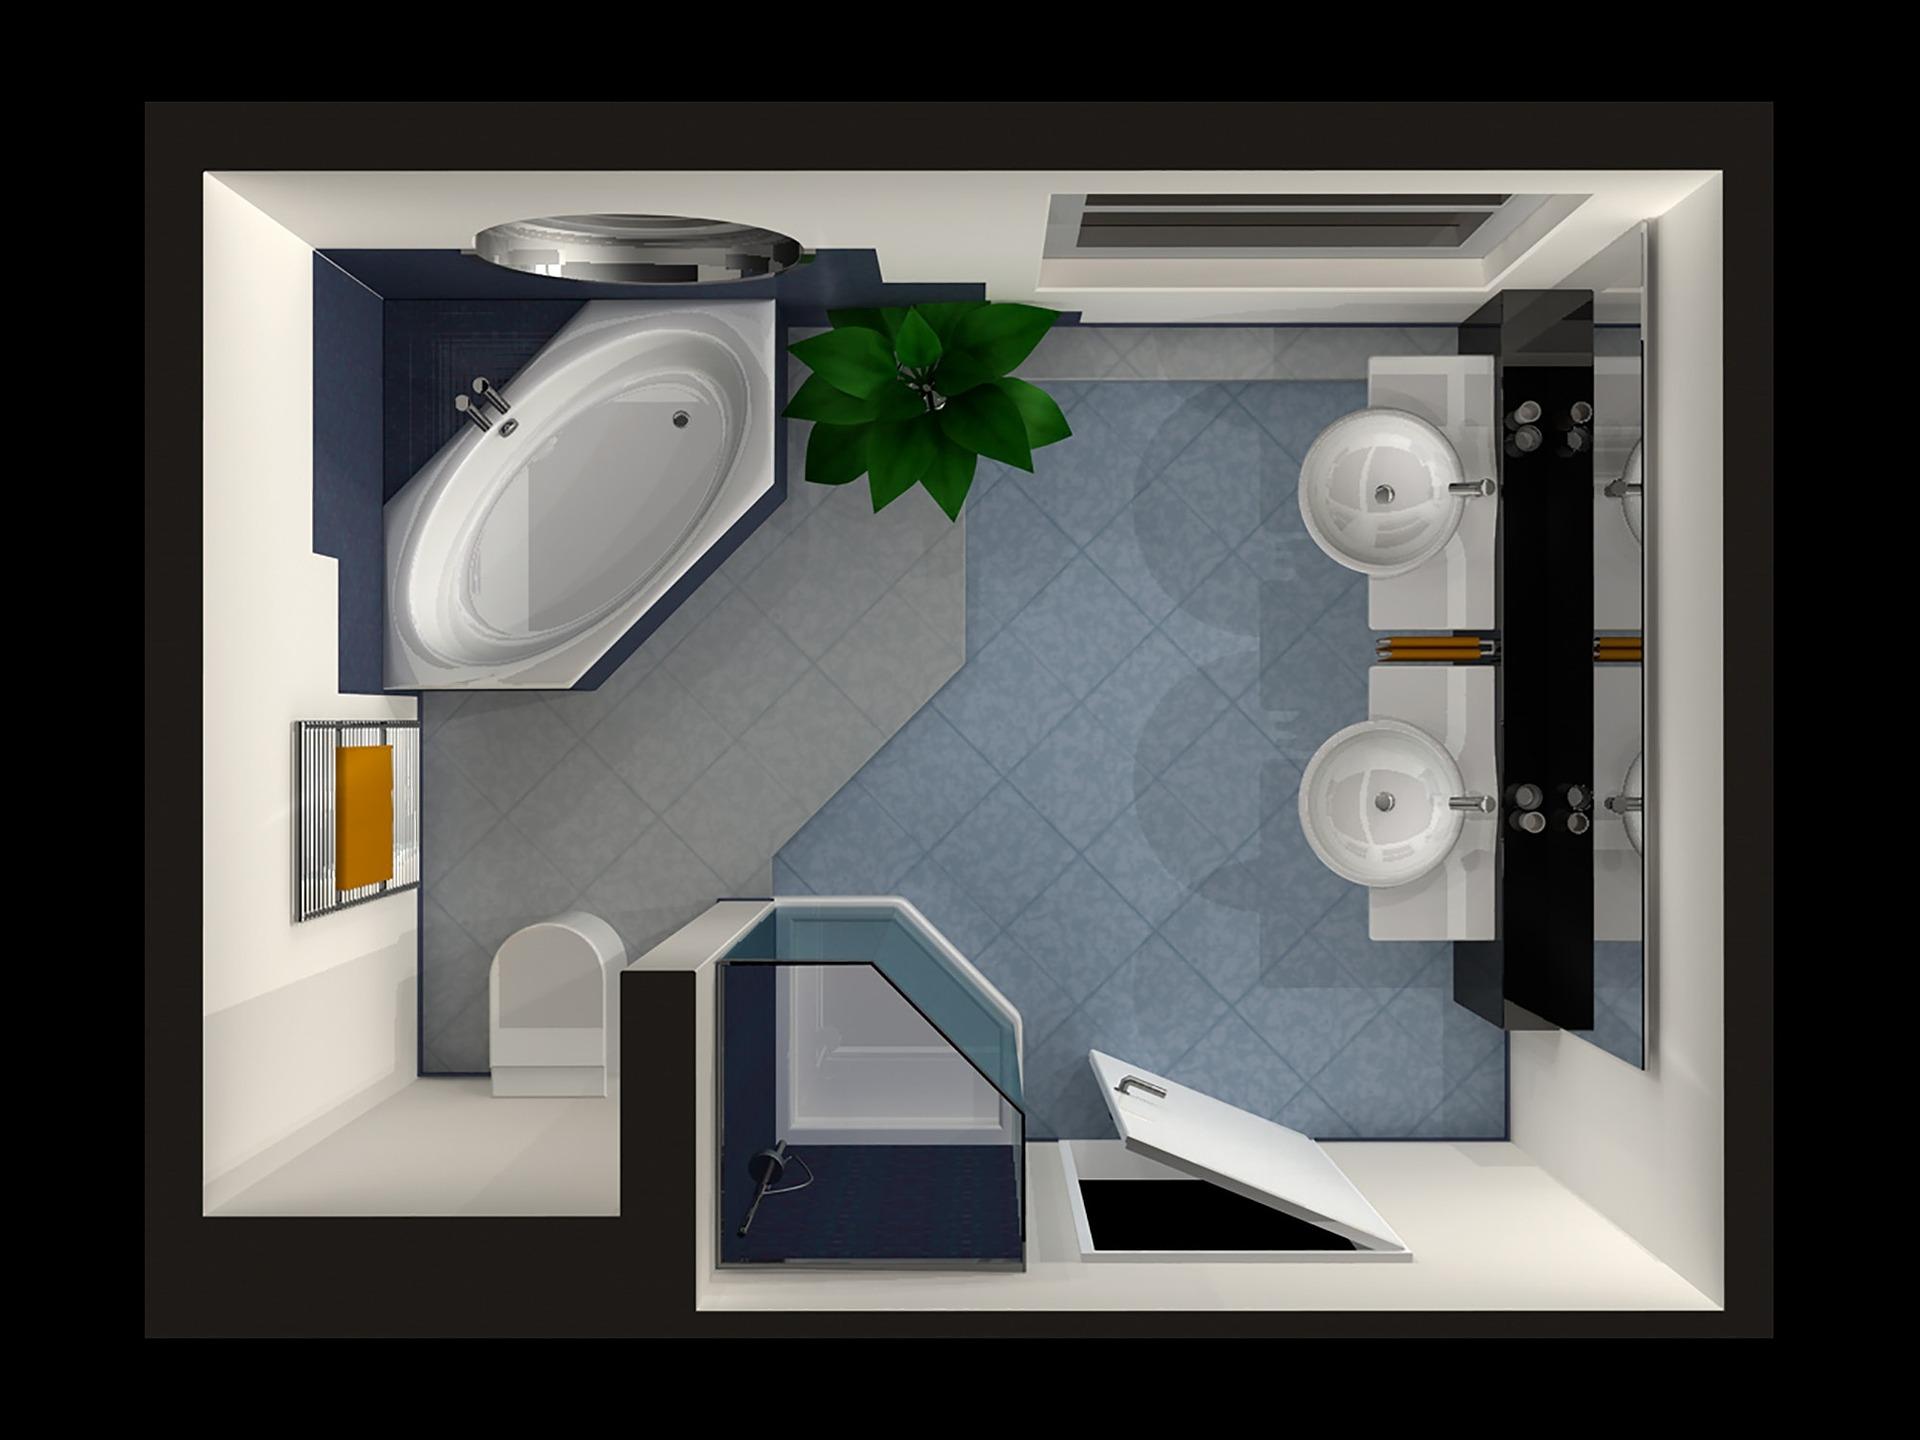 Badkamer verplaatsen   Superrenovatie